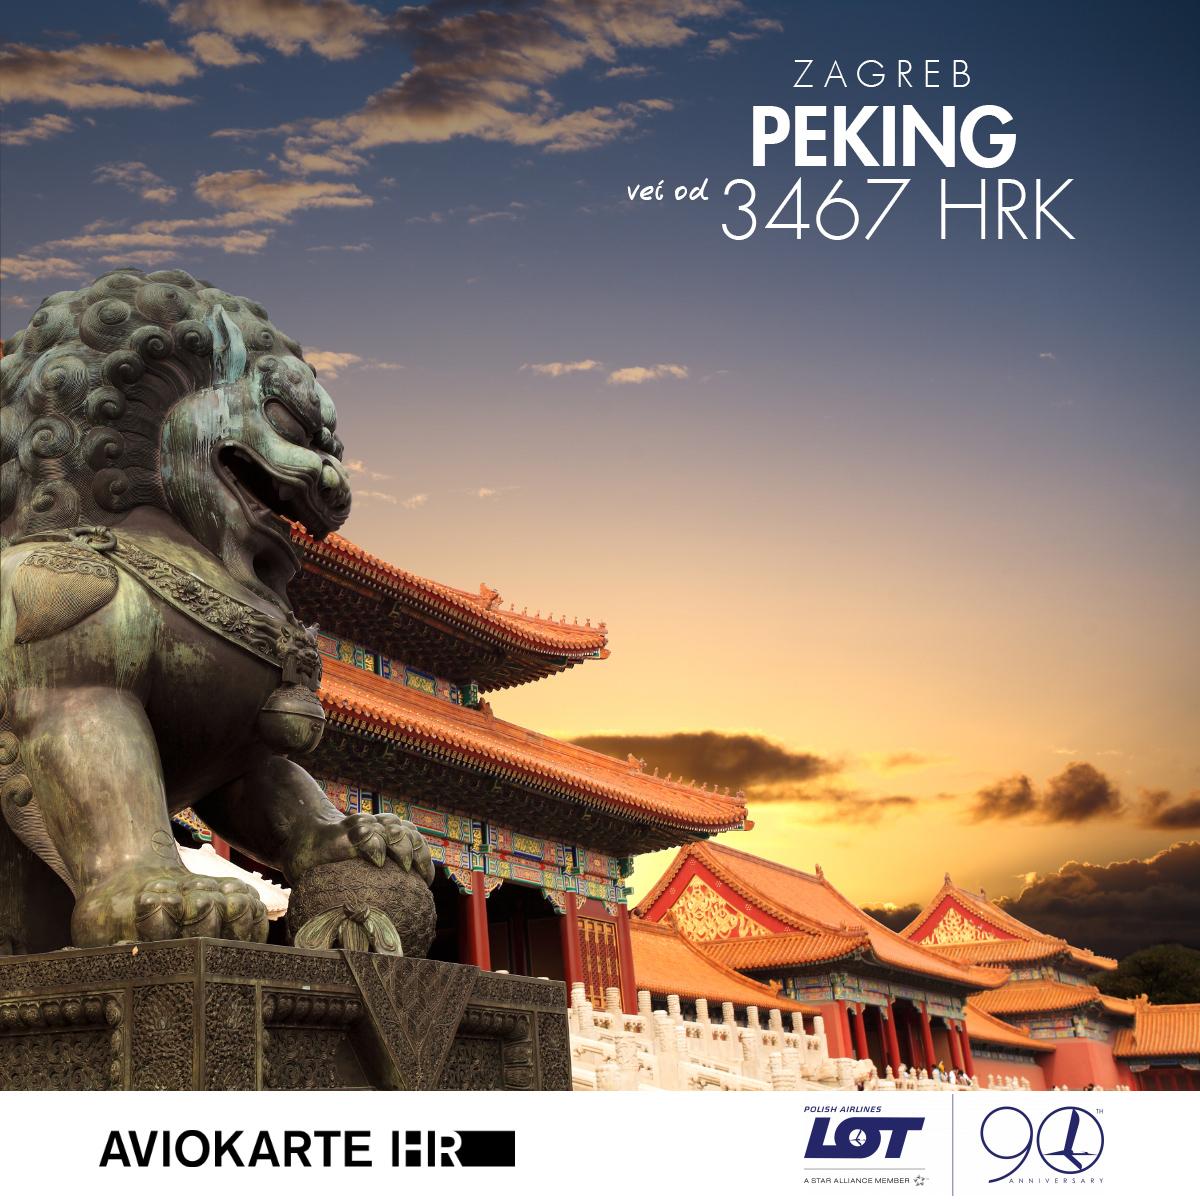 Peking vizual, Peking već od 1400 kuna, Peking jeftine avio karte, putovanje za Peking